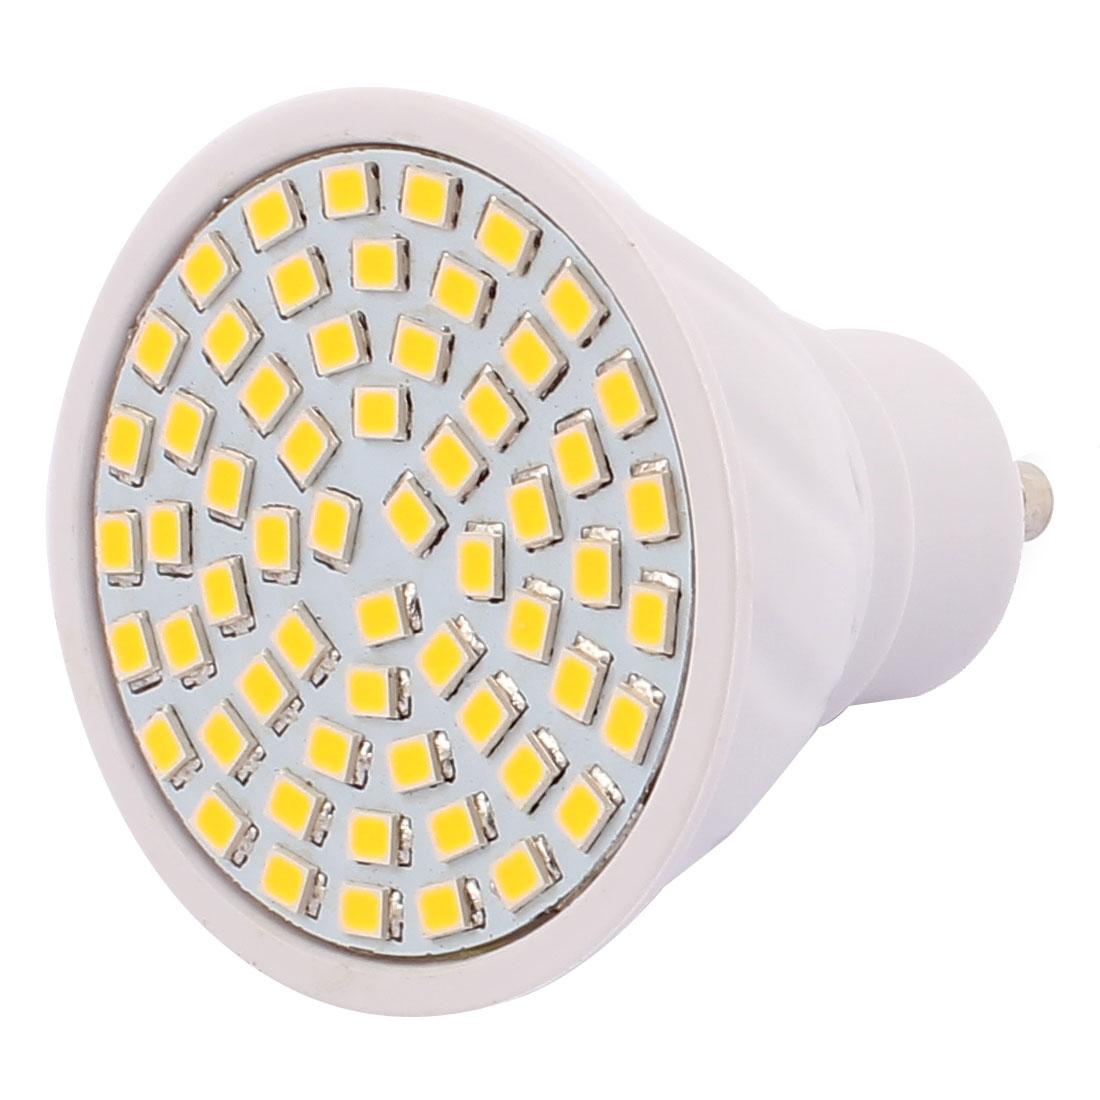 GU10 SMD 2835 60 LEDs Plastic Energy-Saving LED Lamp Bulb Warm White AC 110V 6W